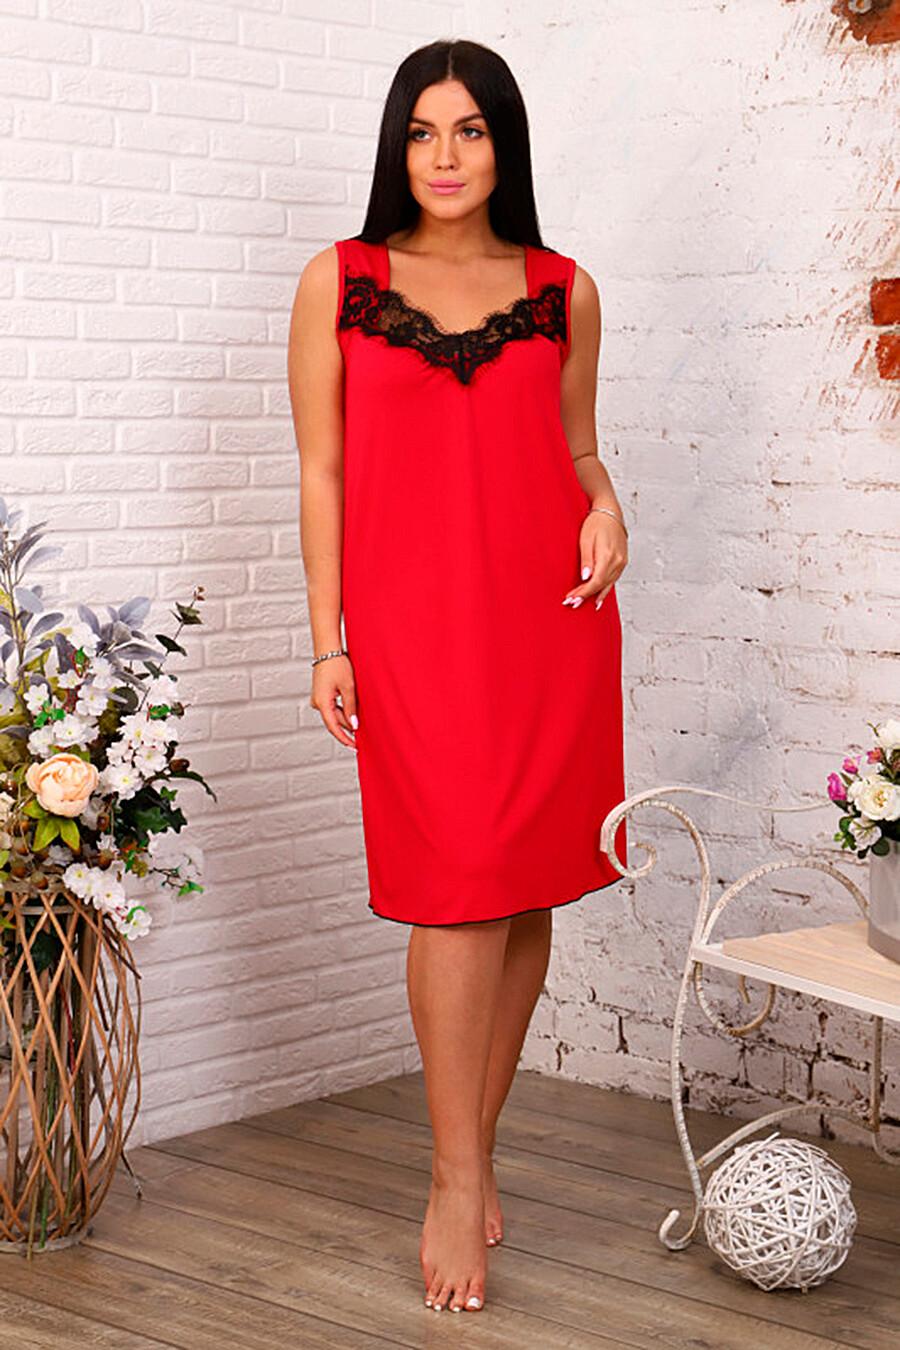 Сорочка для женщин SOFIYA37 668419 купить оптом от производителя. Совместная покупка женской одежды в OptMoyo